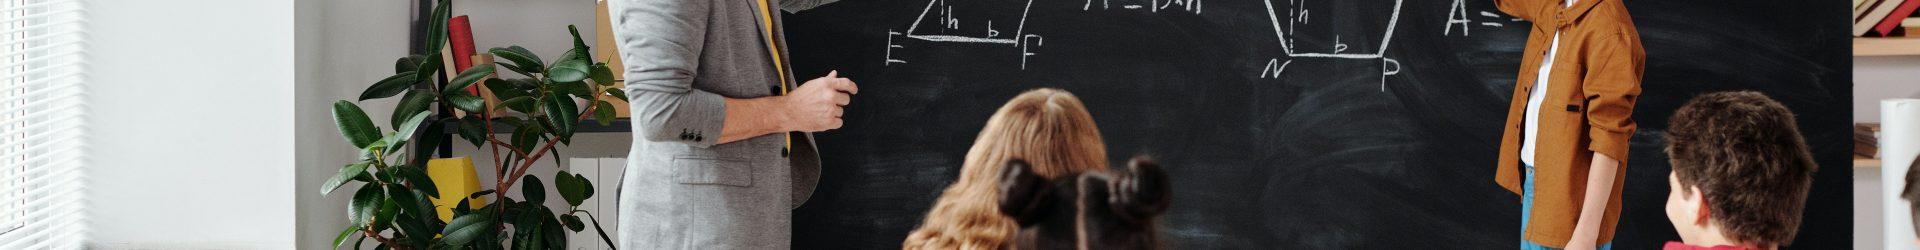 Réouverture des écoles : sur quels savoirs s'appuyer ?